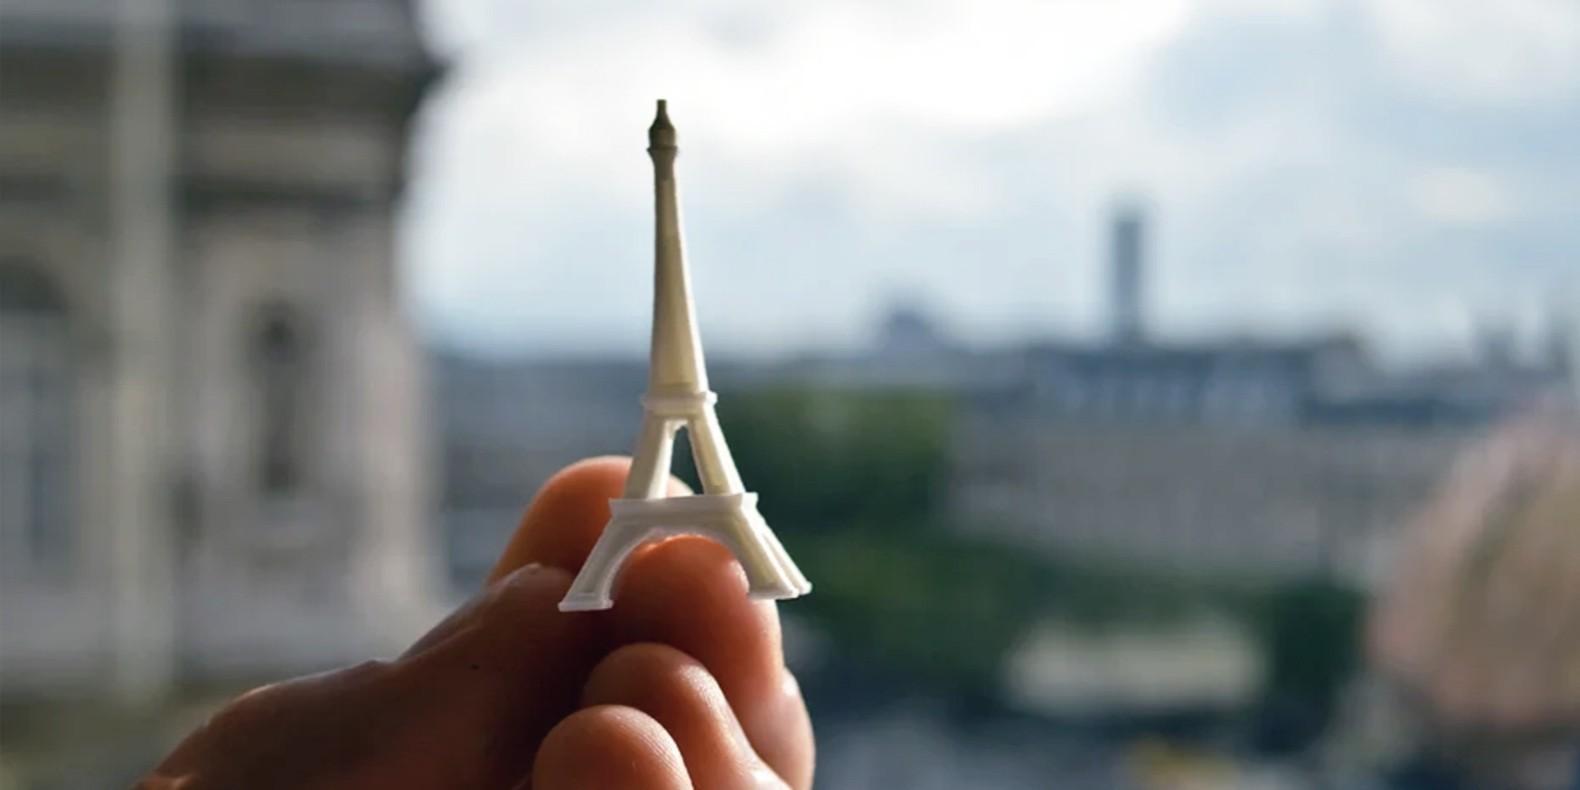 Encuentre aquí una selección de los mejores modelos 3D de Monumento Historico Mundial para hacer con una impresora 3D